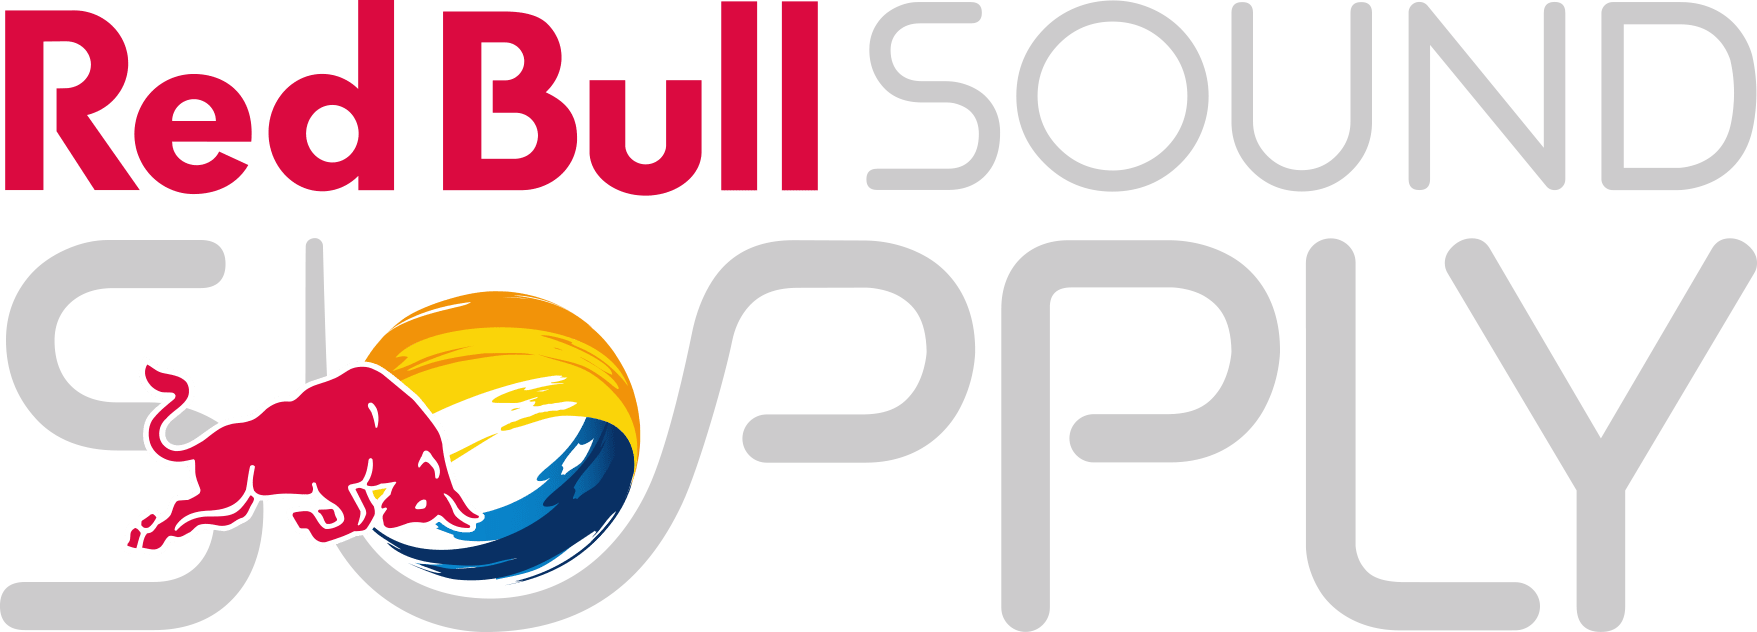 Red Bull Sound Supply Logo Neg